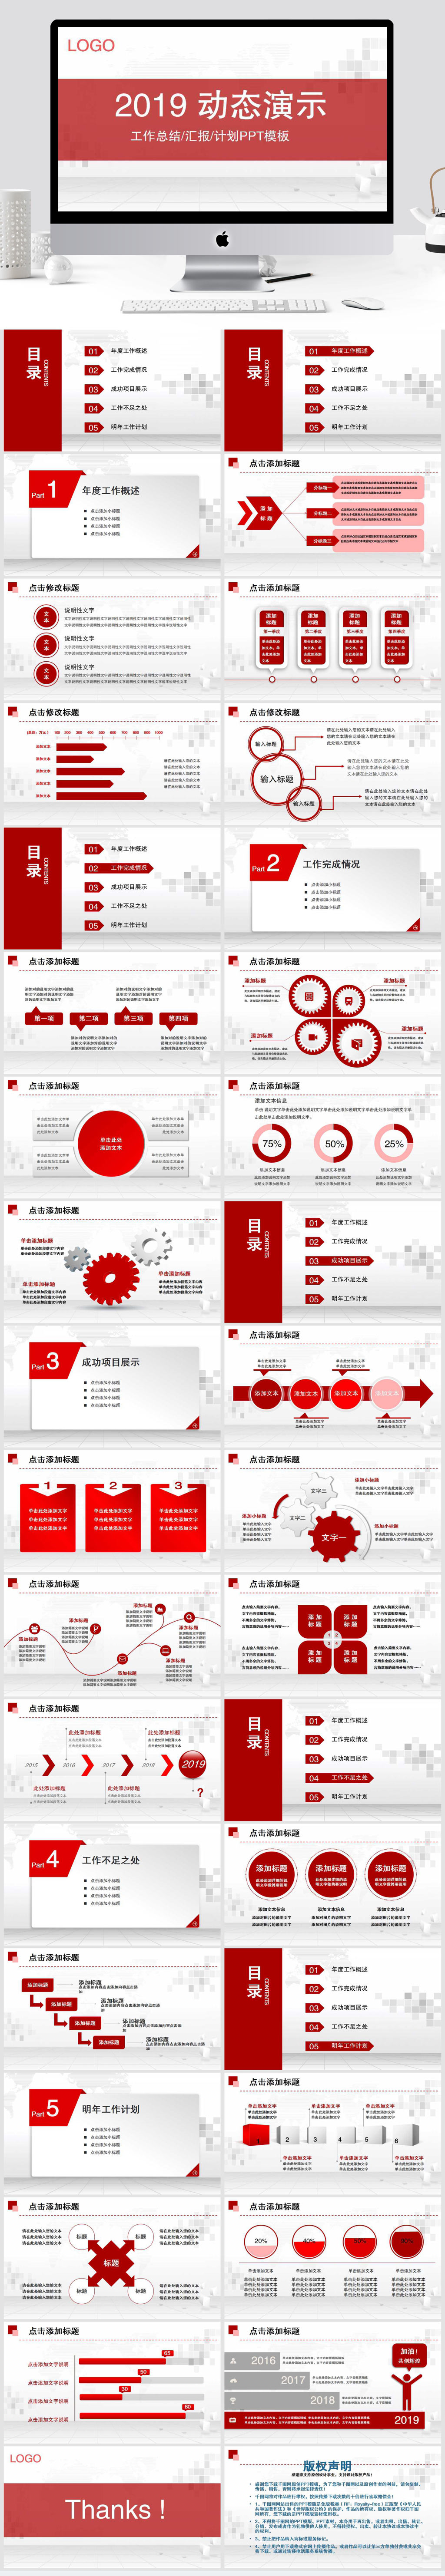 蓝色剪纸中国风新年鼠年海报2020新春春节新年